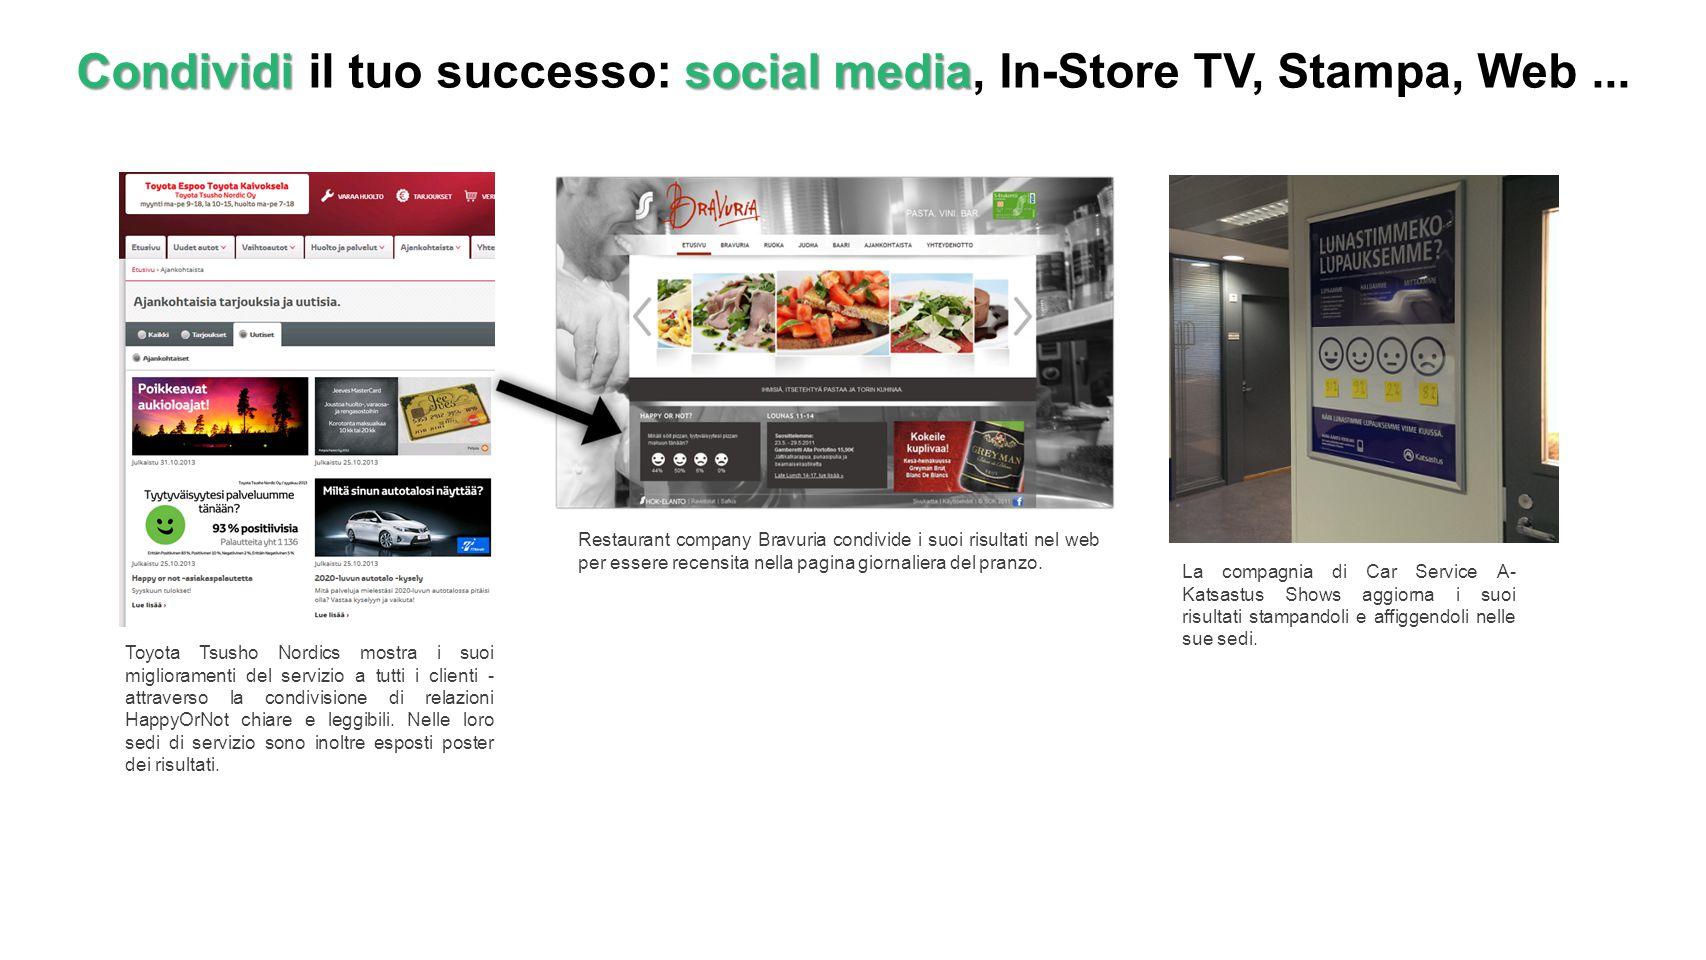 Condividi il tuo successo: social media, In-Store TV, Stampa, Web ...